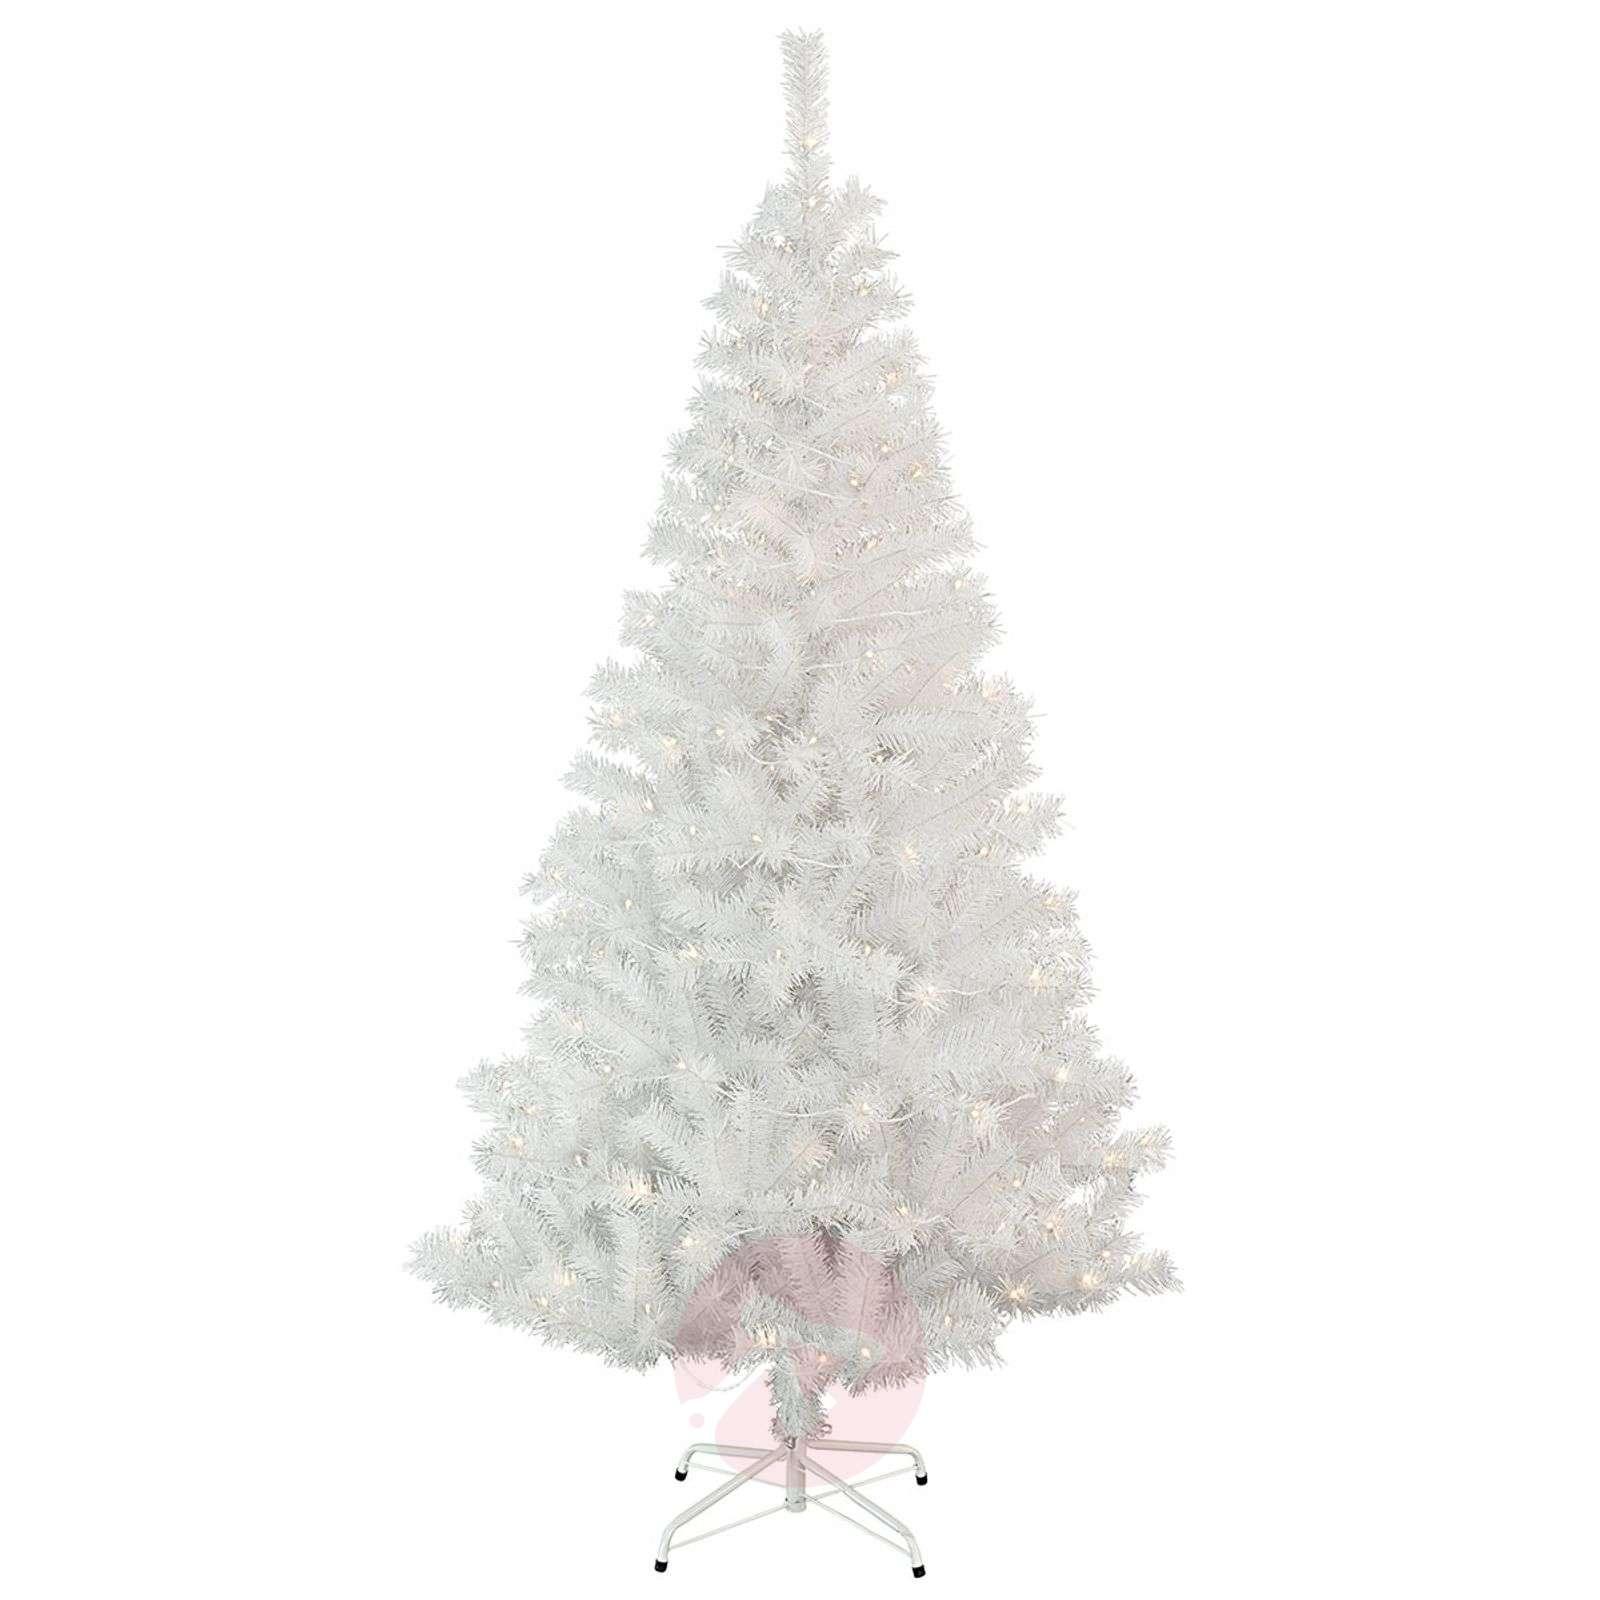 LED-joulukuusi Kalix sisä ja ulkotiloihin-1523472-01